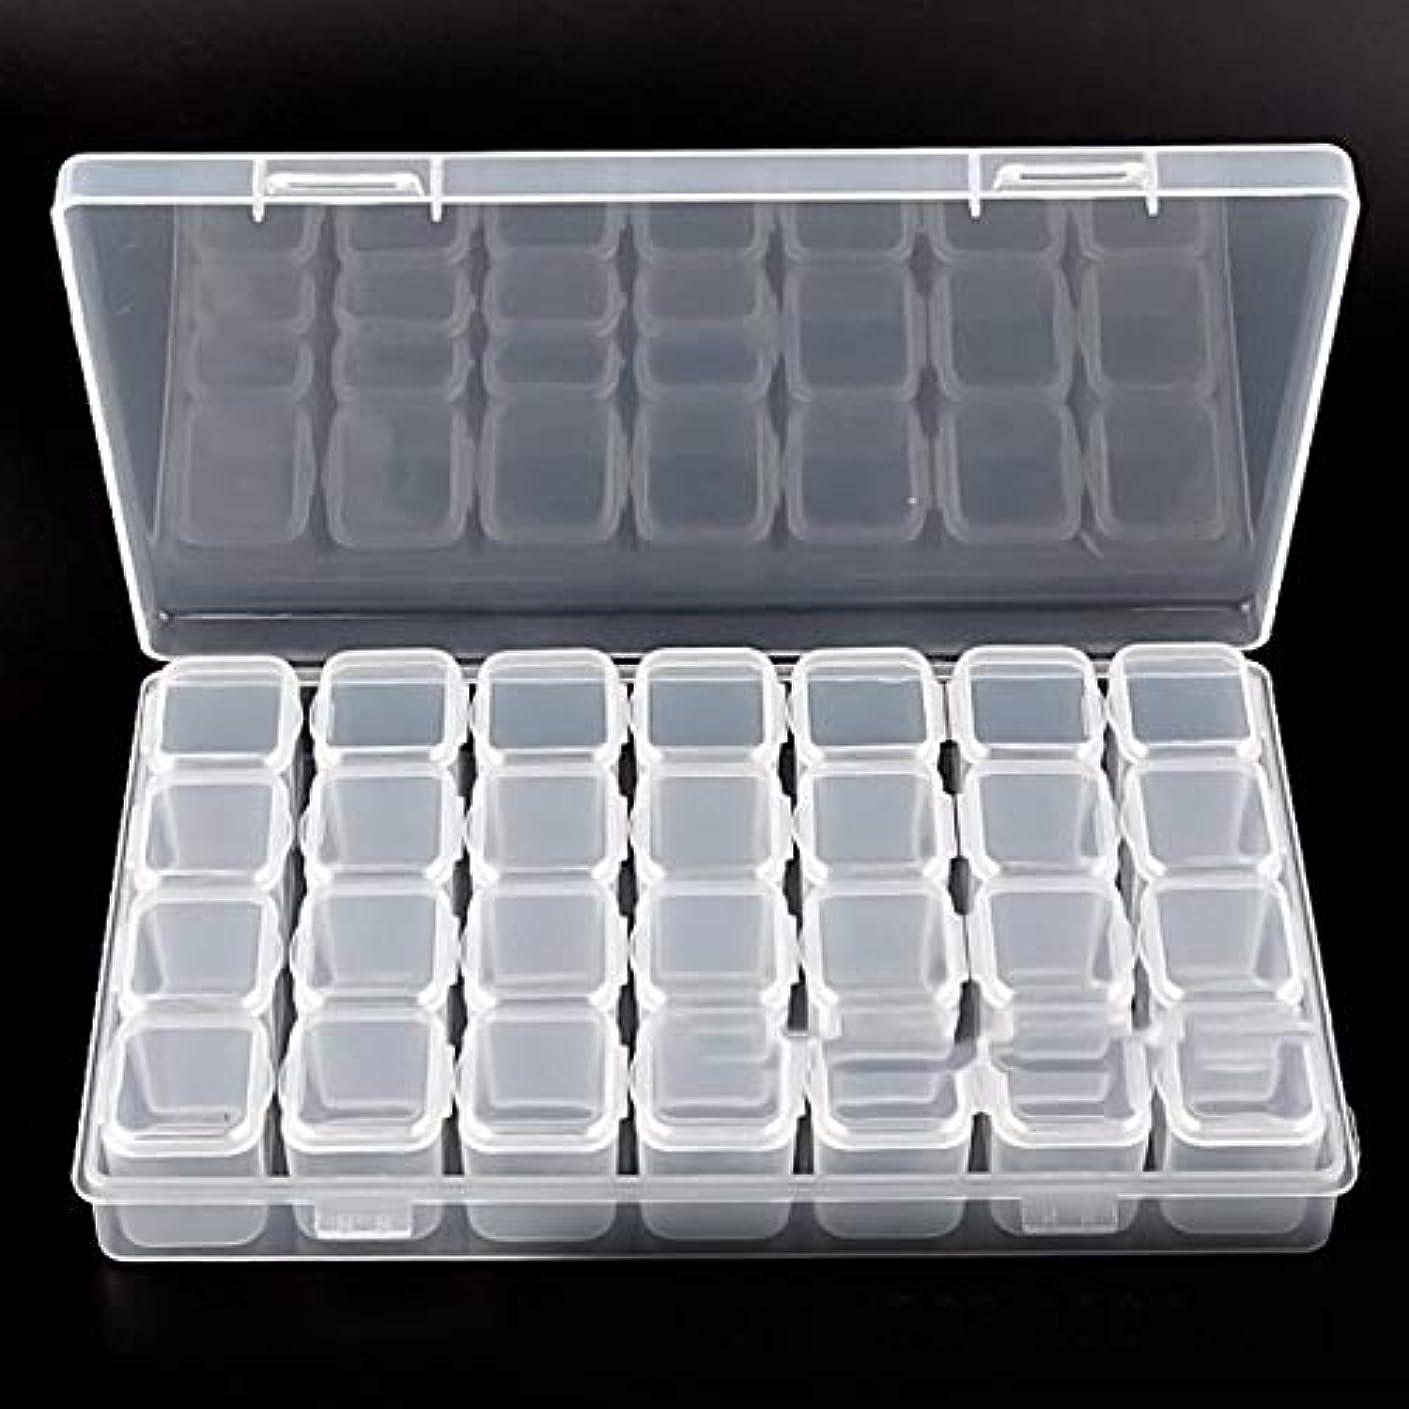 プレビューアマゾンジャングル大声でKongqiabona 28グリッドコンパートメント透明プラスチックボックス取り外し可能なジュエリー収納ケース